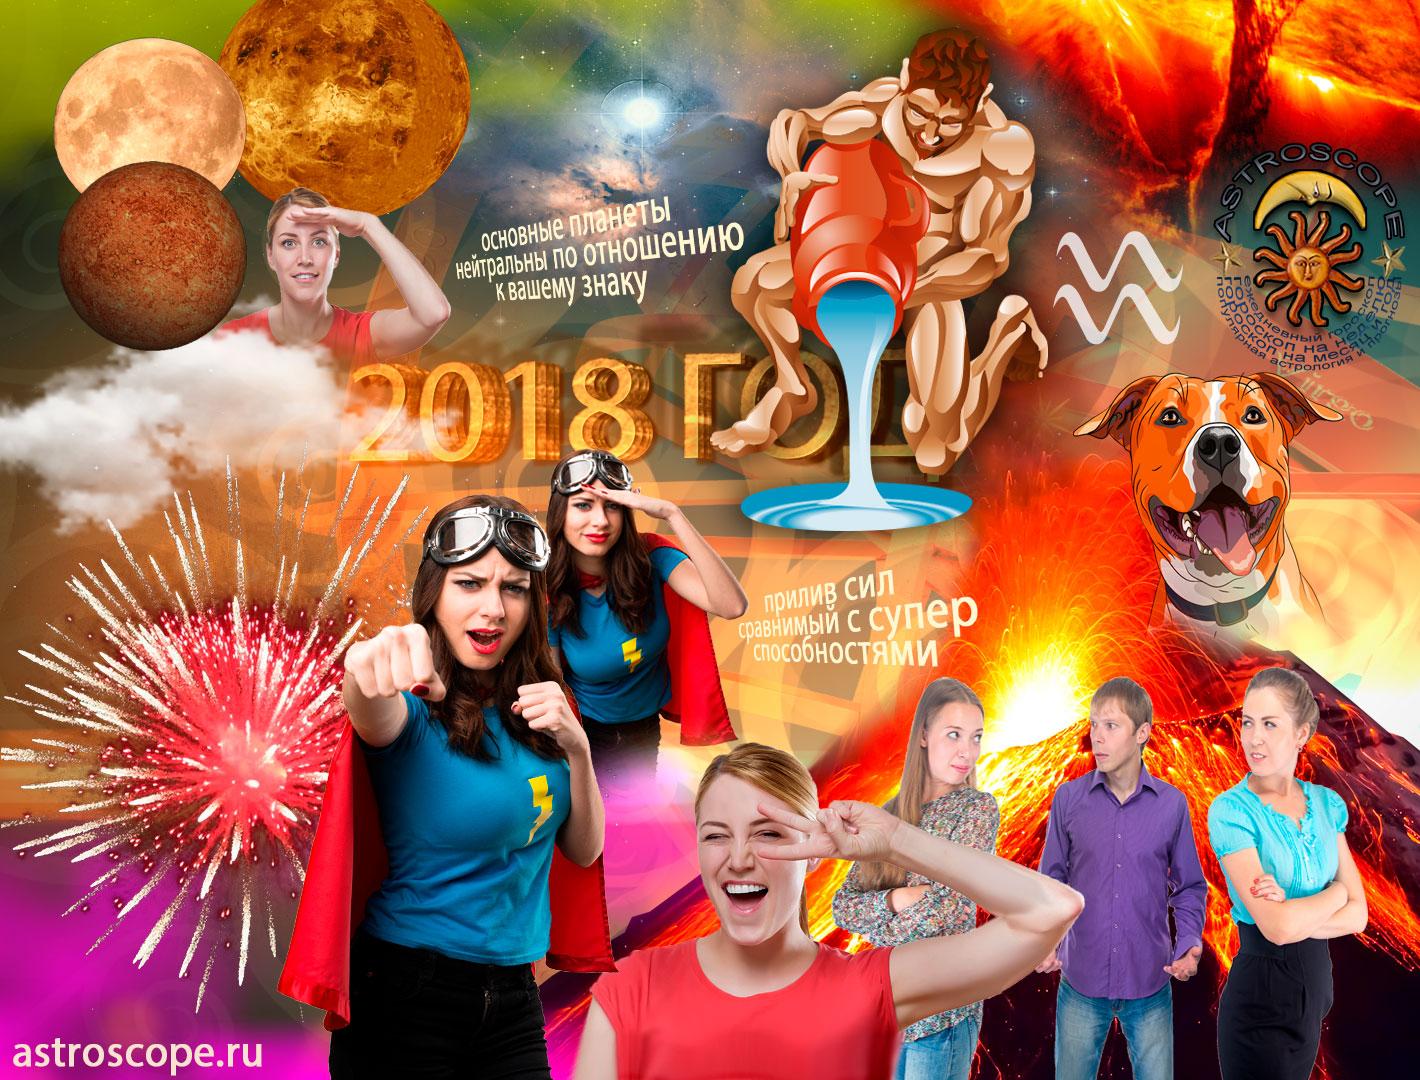 Гороскоп на 2018 Водолей, что ждёт Водолеев в 2018 году